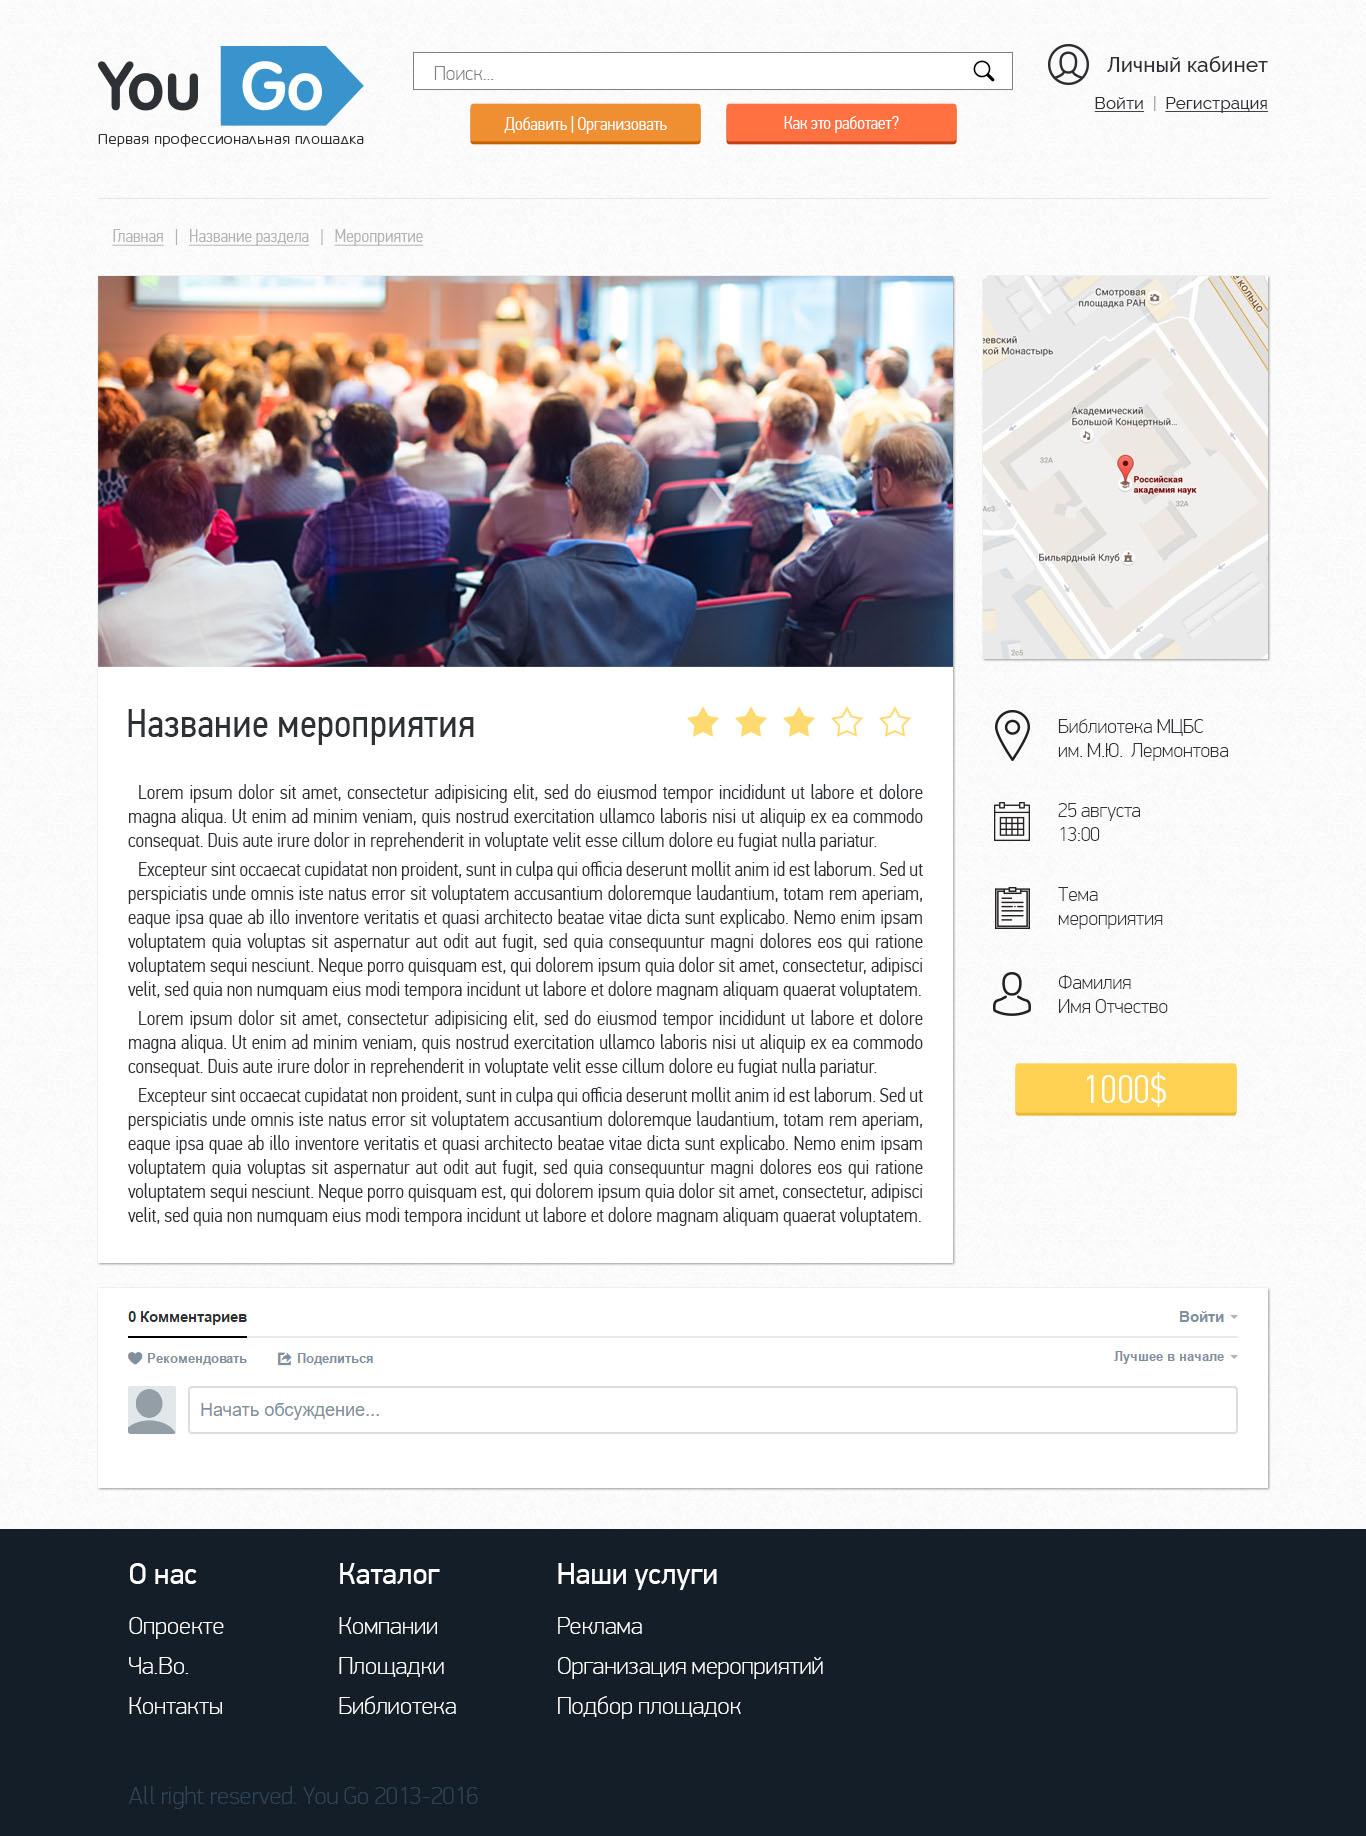 Дизайн сайта You Go